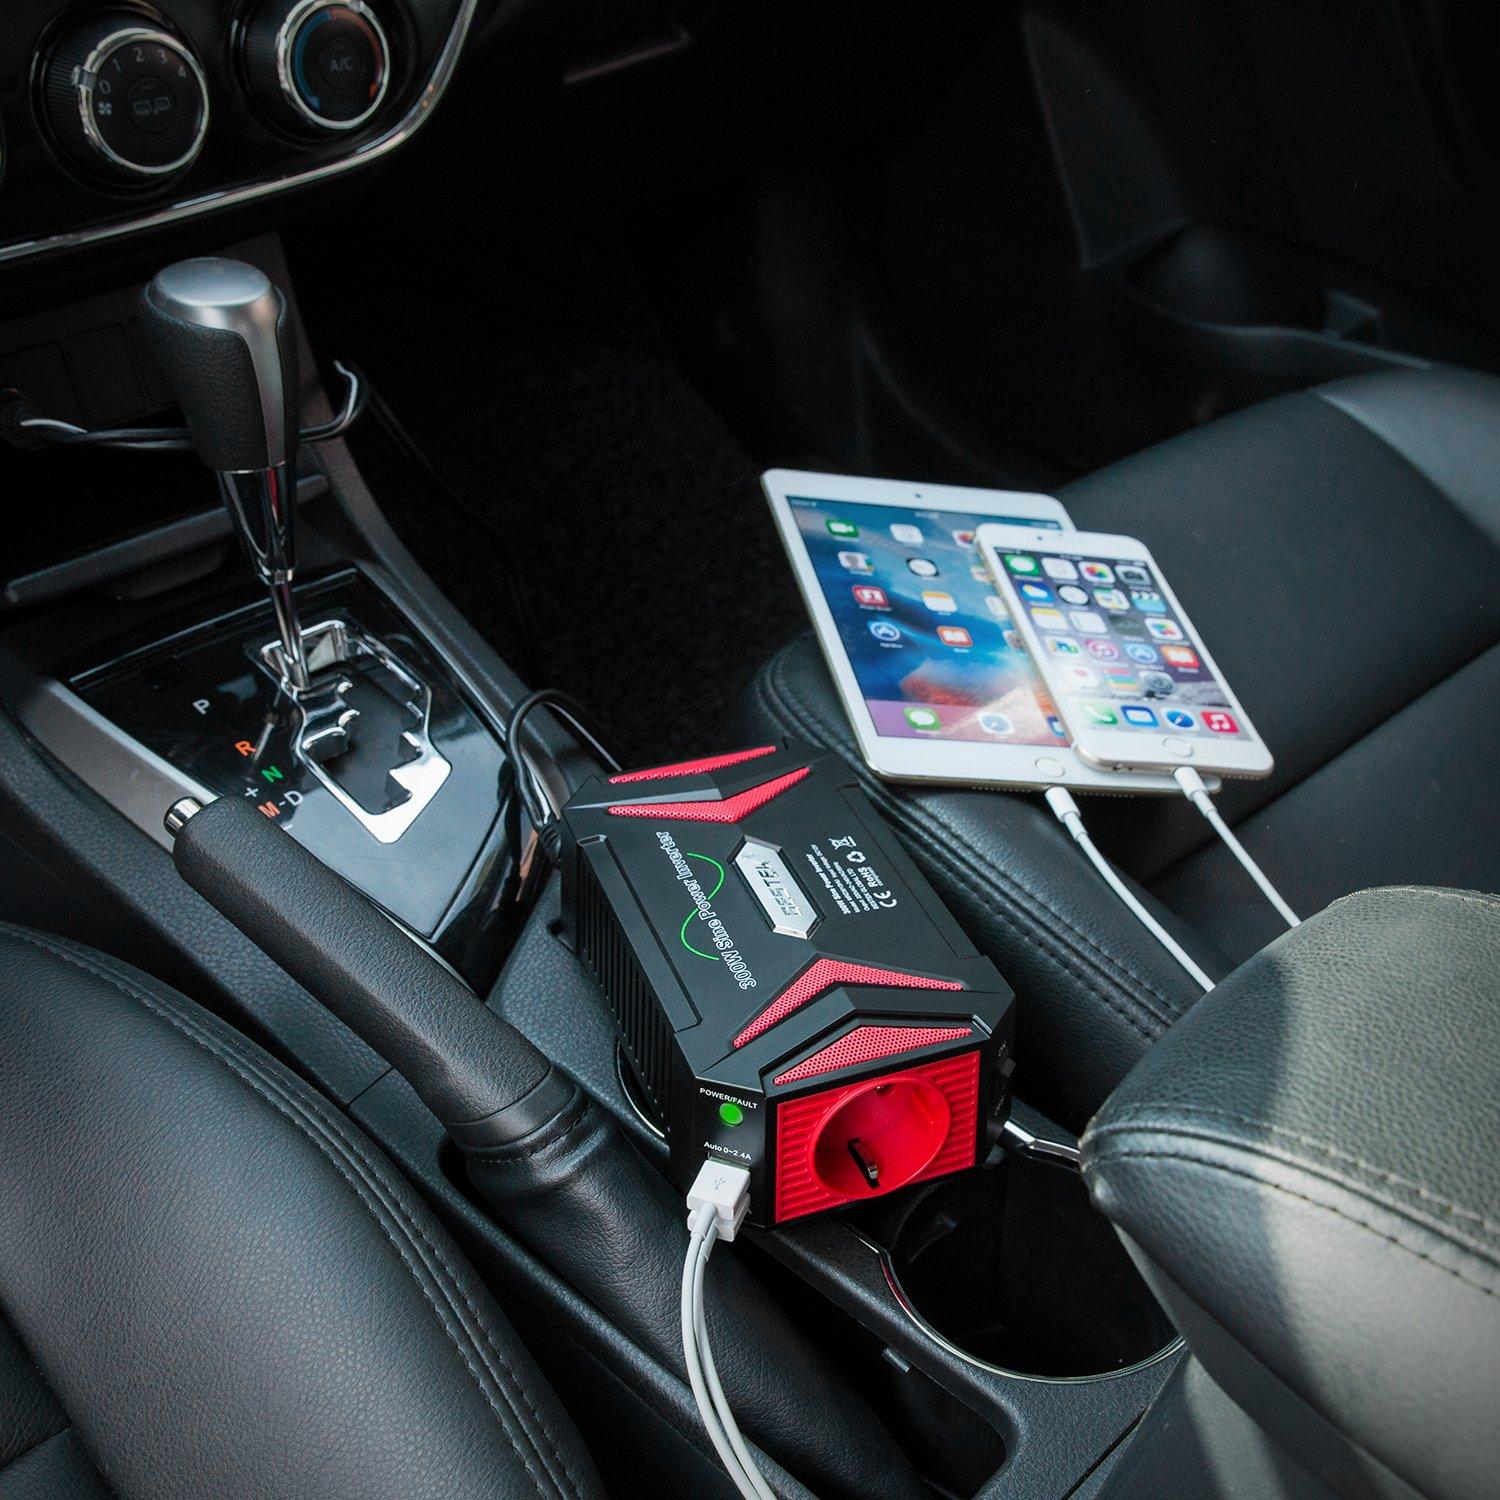 Kfz Zigarettenanz/ünder Stecker,Schwarz Spannungswandler 12v 230v 300W Wechselrichter//BESTEK Stromwandler 12 auf 230 Inverter//mit T/üv Zertifiziert und 2 USB Anschl/üsse inkl